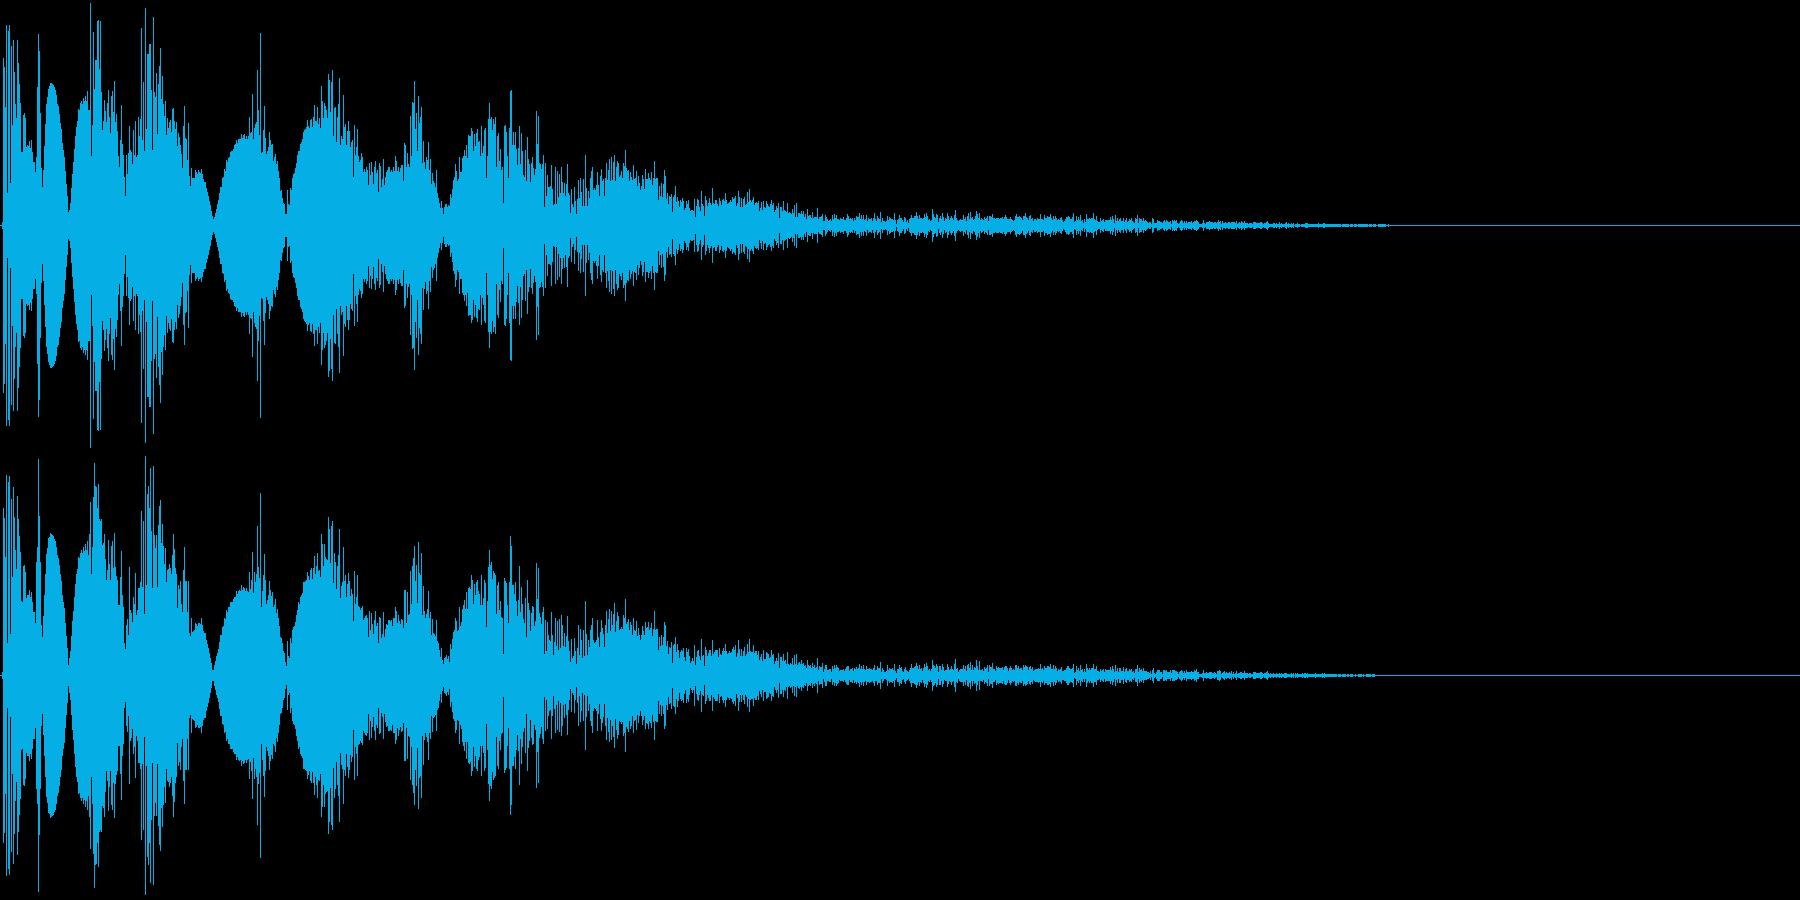 KAKUGE 格闘ゲーム戦闘音 29の再生済みの波形